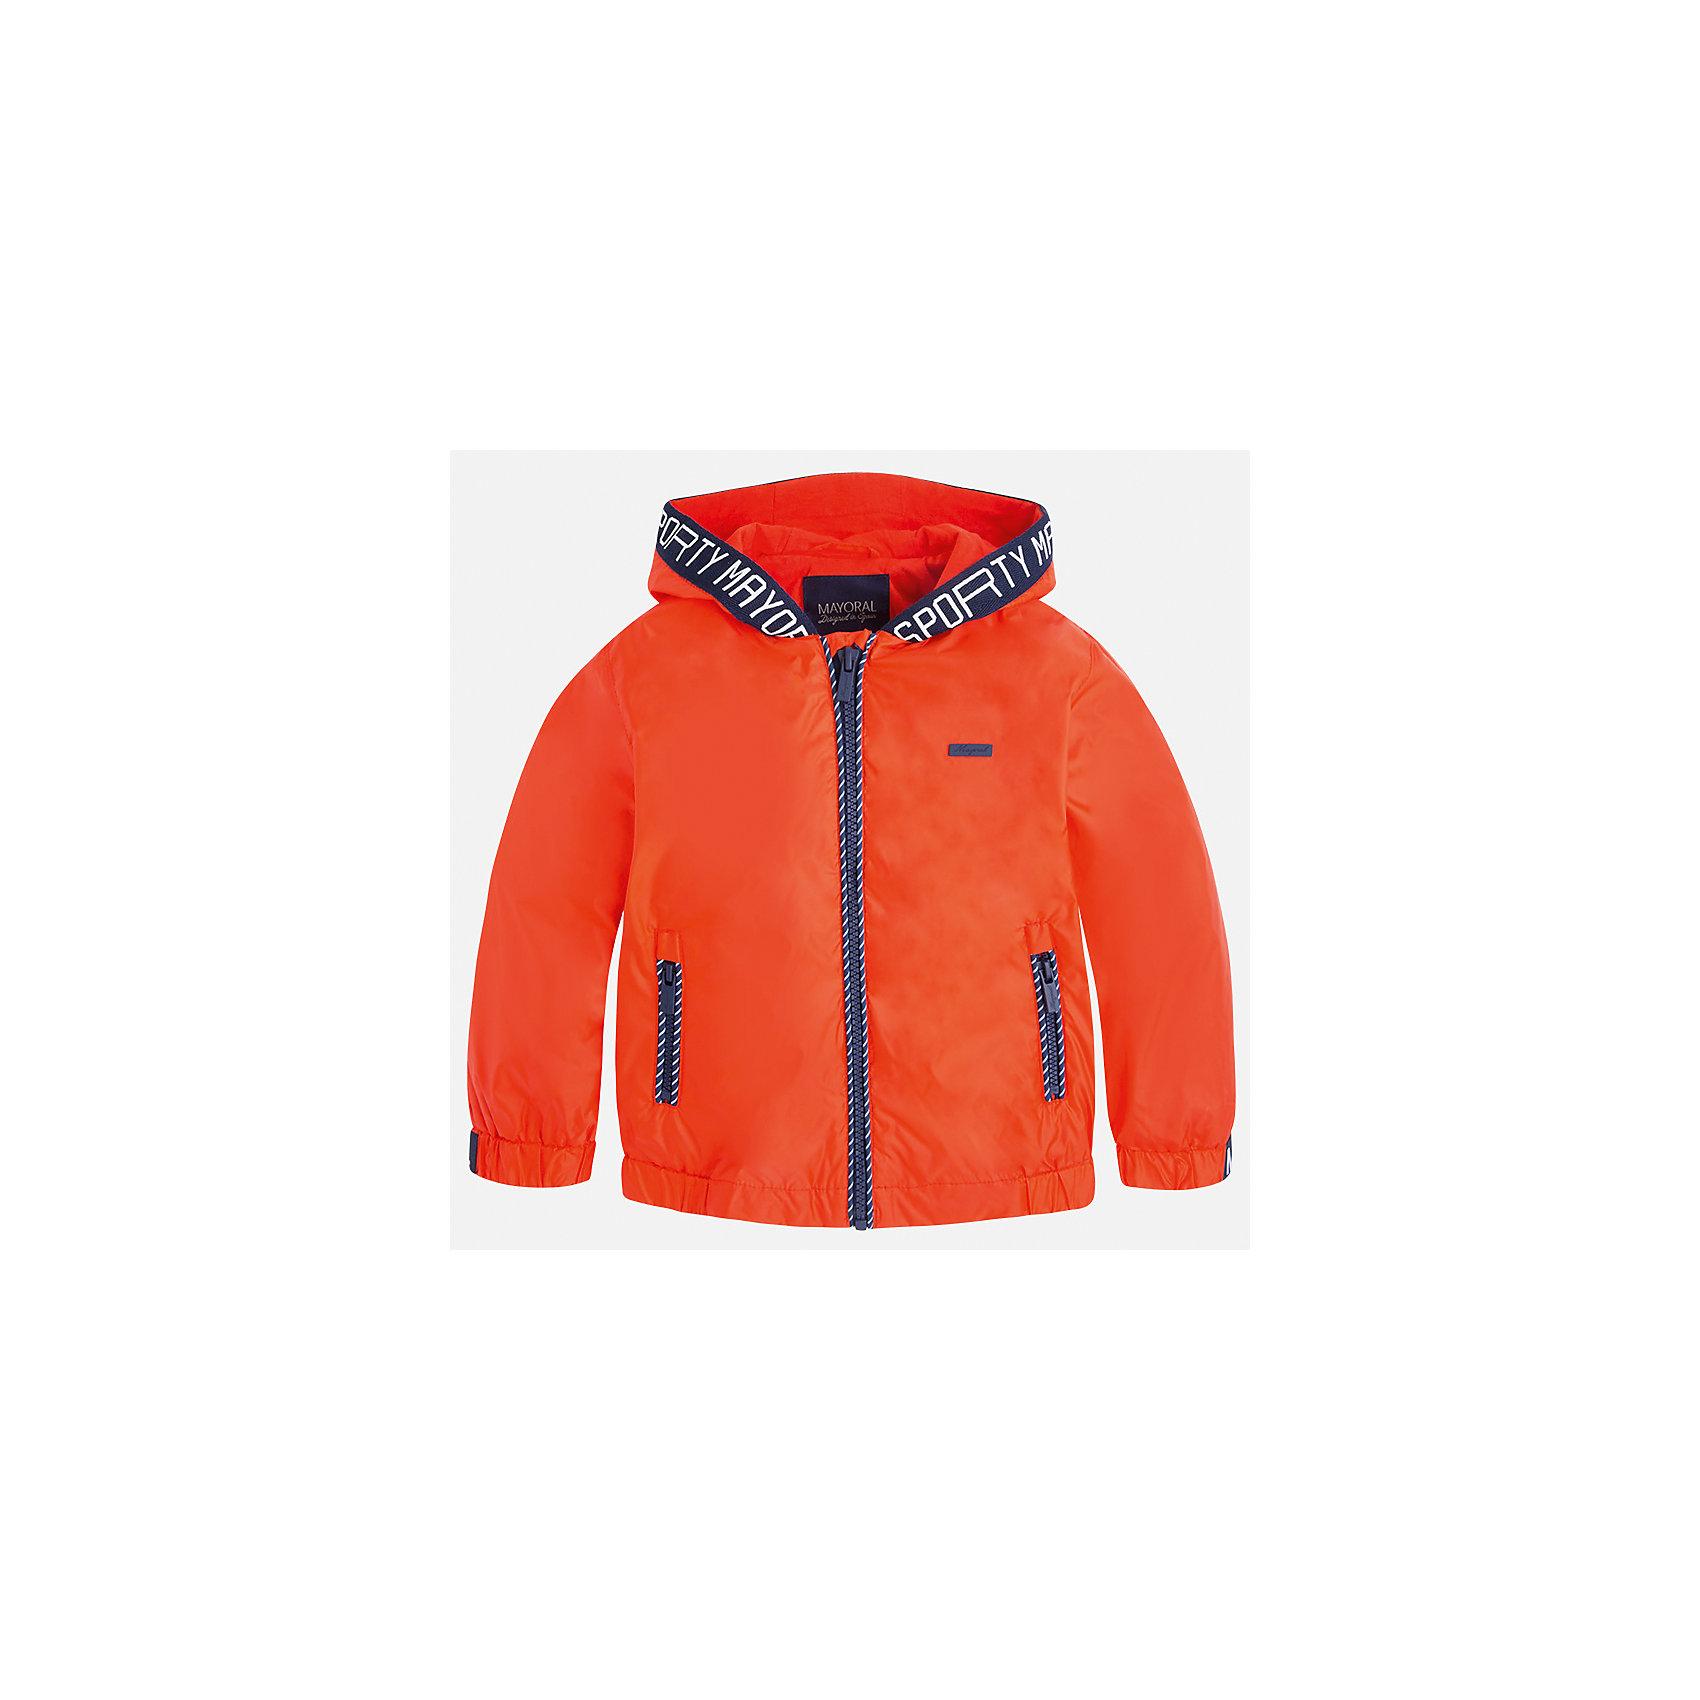 Ветровка для мальчика MayoralХарактеристики товара:<br><br>• цвет: красный<br>• состав: 100% полиэстер, подкладка - 100% хлопок<br>• температурный режим: от +20° до +10°С<br>• рукава длинные <br>• карманы<br>• молния <br>• капюшон<br>• страна бренда: Испания<br><br>Теплая одежда может быть очень стильной! Удобная и красивая ветровка для мальчика поможет разнообразить гардероб ребенка и обеспечить комфорт. Она отлично сочетается и с джинсами, и с брюками. Универсальный цвет позволяет подобрать к вещи низ различных расцветок. Интересная отделка модели делает её нарядной и оригинальной. В составе материала - натуральный хлопок, гипоаллергенный, приятный на ощупь, дышащий.<br><br>Одежда, обувь и аксессуары от испанского бренда Mayoral полюбились детям и взрослым по всему миру. Модели этой марки - стильные и удобные. Для их производства используются только безопасные, качественные материалы и фурнитура. Порадуйте ребенка модными и красивыми вещами от Mayoral! <br><br>Ветровку для мальчика от испанского бренда Mayoral (Майорал) можно купить в нашем интернет-магазине.<br><br>Ширина мм: 356<br>Глубина мм: 10<br>Высота мм: 245<br>Вес г: 519<br>Цвет: красный<br>Возраст от месяцев: 18<br>Возраст до месяцев: 24<br>Пол: Мужской<br>Возраст: Детский<br>Размер: 92,134,122,128,116,110,104,98<br>SKU: 5280756